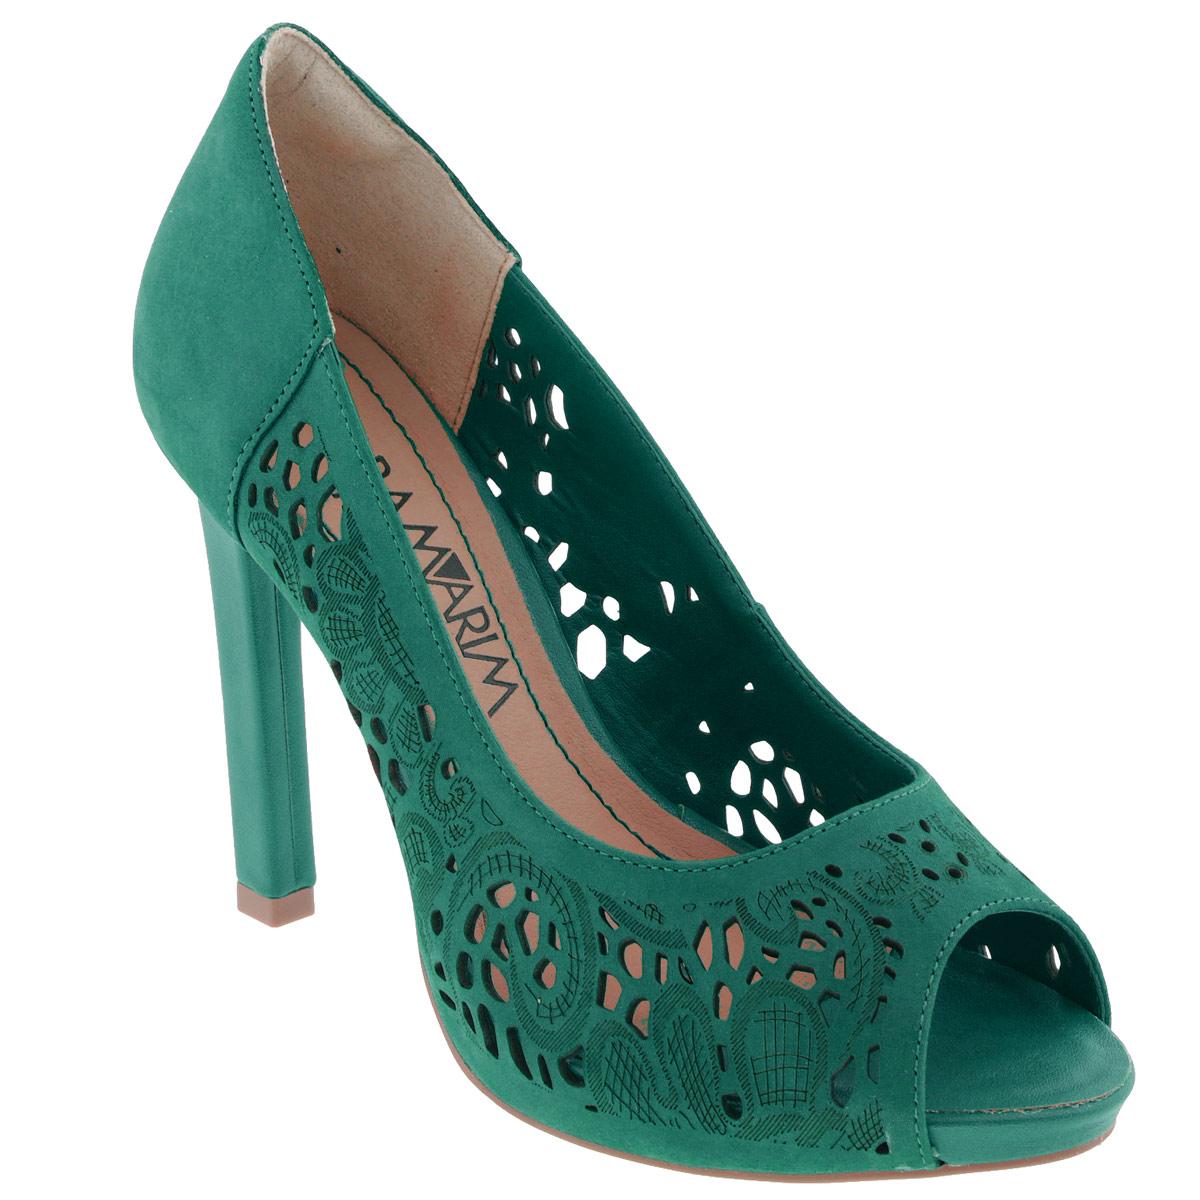 Туфли женские. 14-2220414-22204Модные туфли от Ramarim эффектно дополнят ваш летний образ. Модель выполнена из натуральной кожи и оформлена тисненым цветочным узором. Перфорация обеспечивает отличную вентиляцию, позволяет вашим ногам дышать. Открытый носок смотрится невероятно элегантно. Мягкая стелька из натуральной кожи комфортна при ходьбе. Высокий каблук компенсирован платформой. Рифленая поверхность подошвы защищает изделие от скольжения. Стильные туфли не оставят равнодушной настоящую модницу!